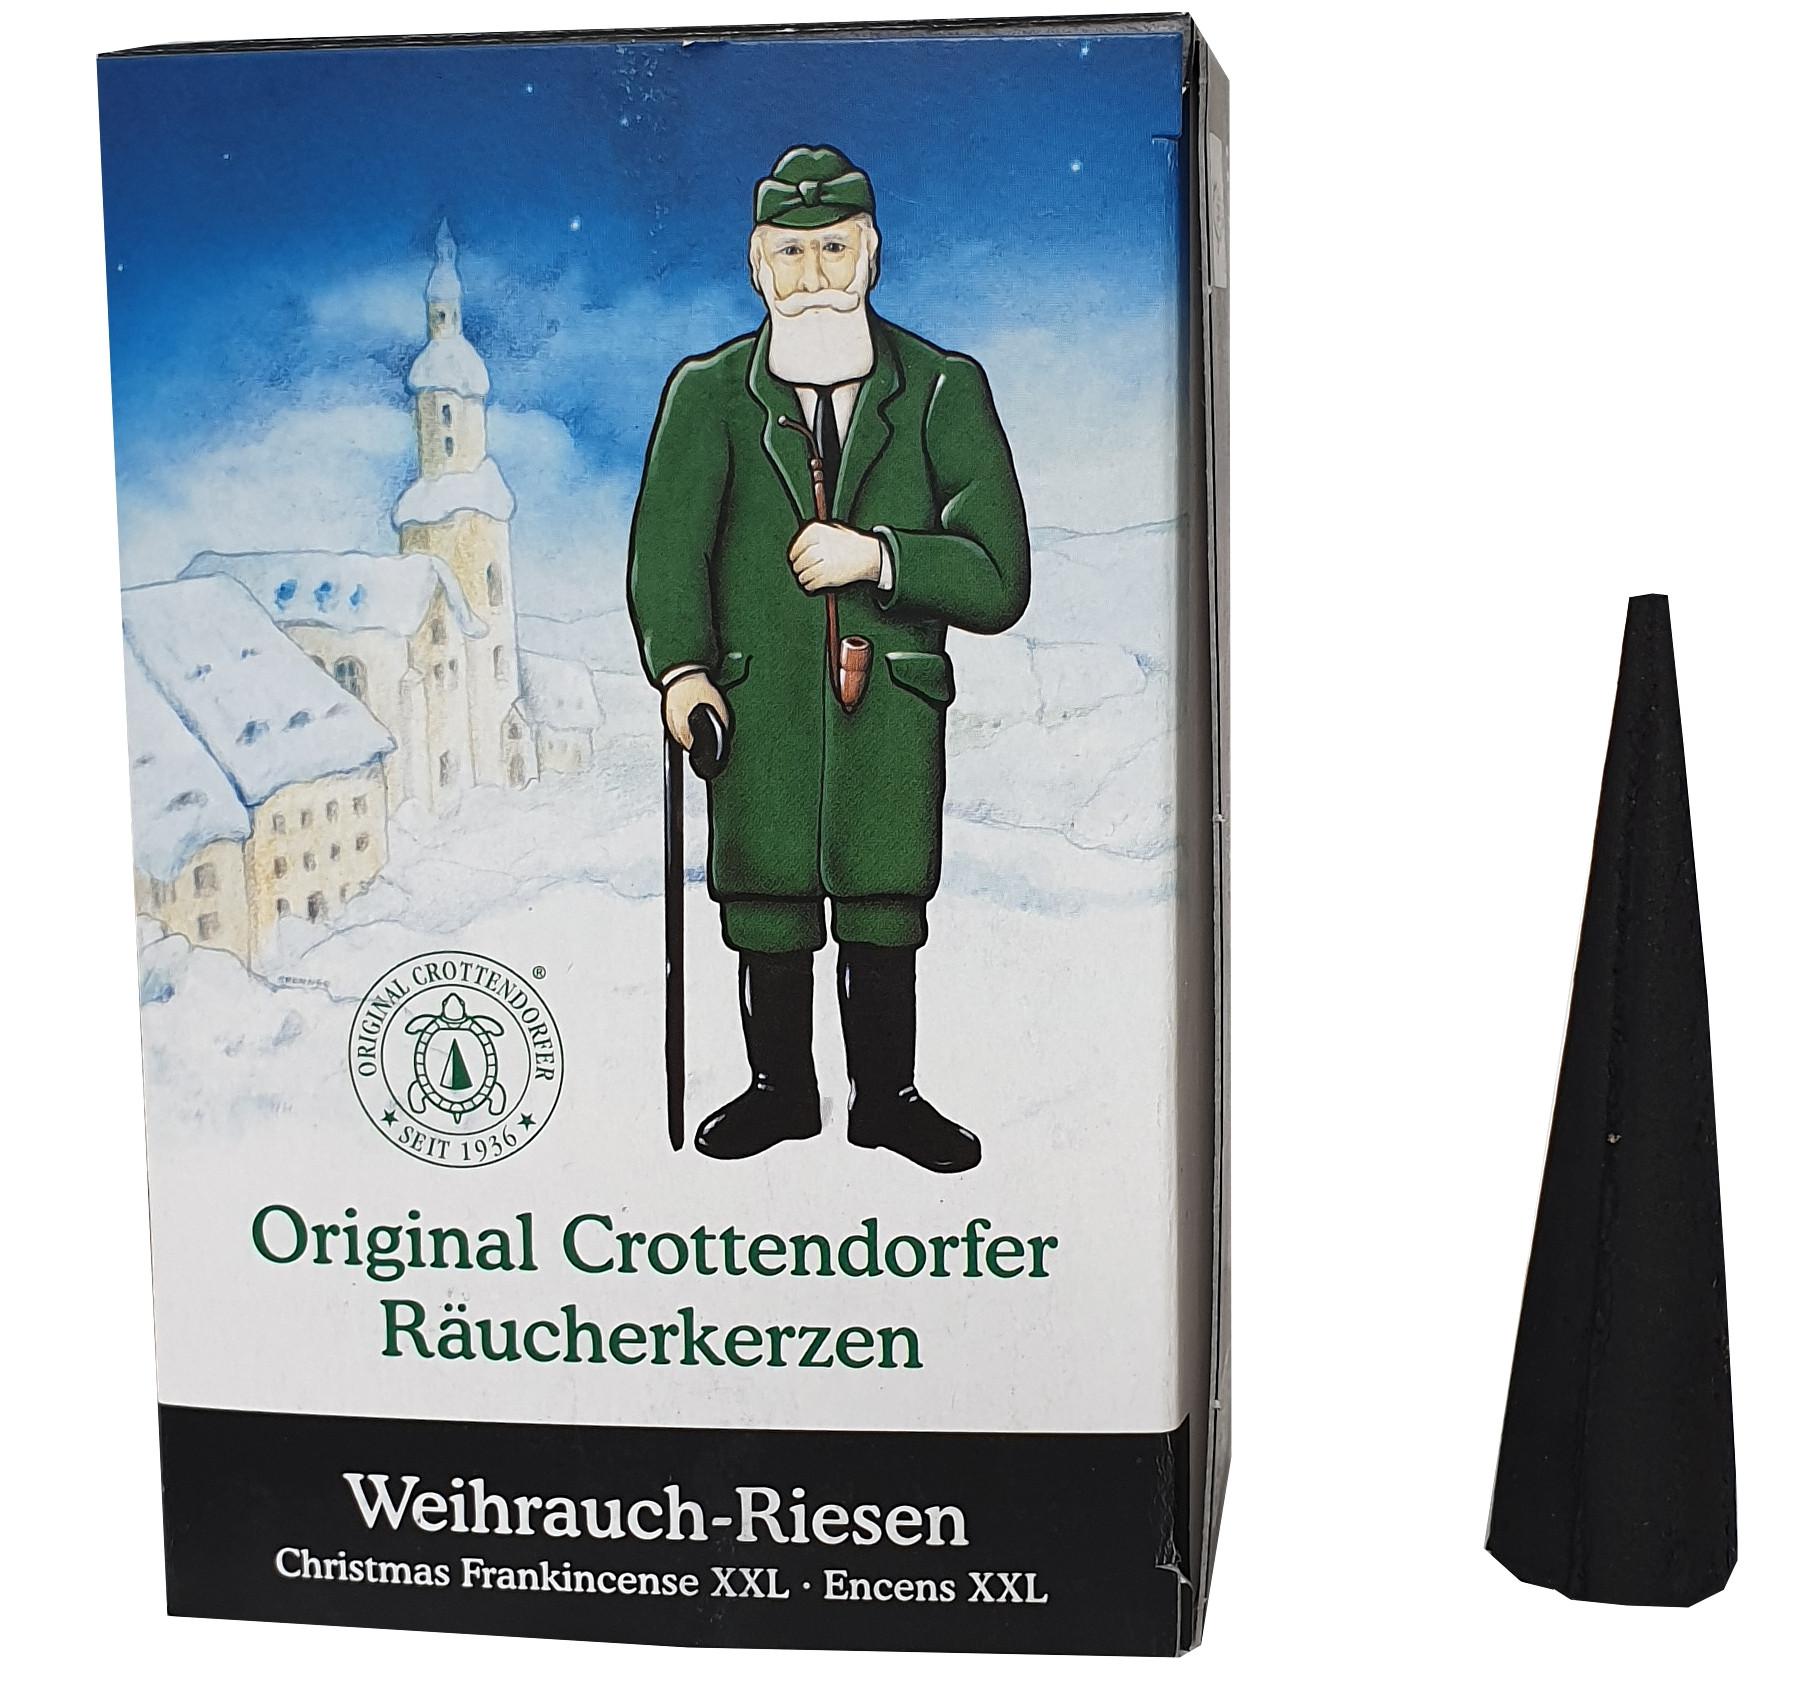 Crottendorfer Räucherkerzen Weihrauch-Riesen XXL, 20 St